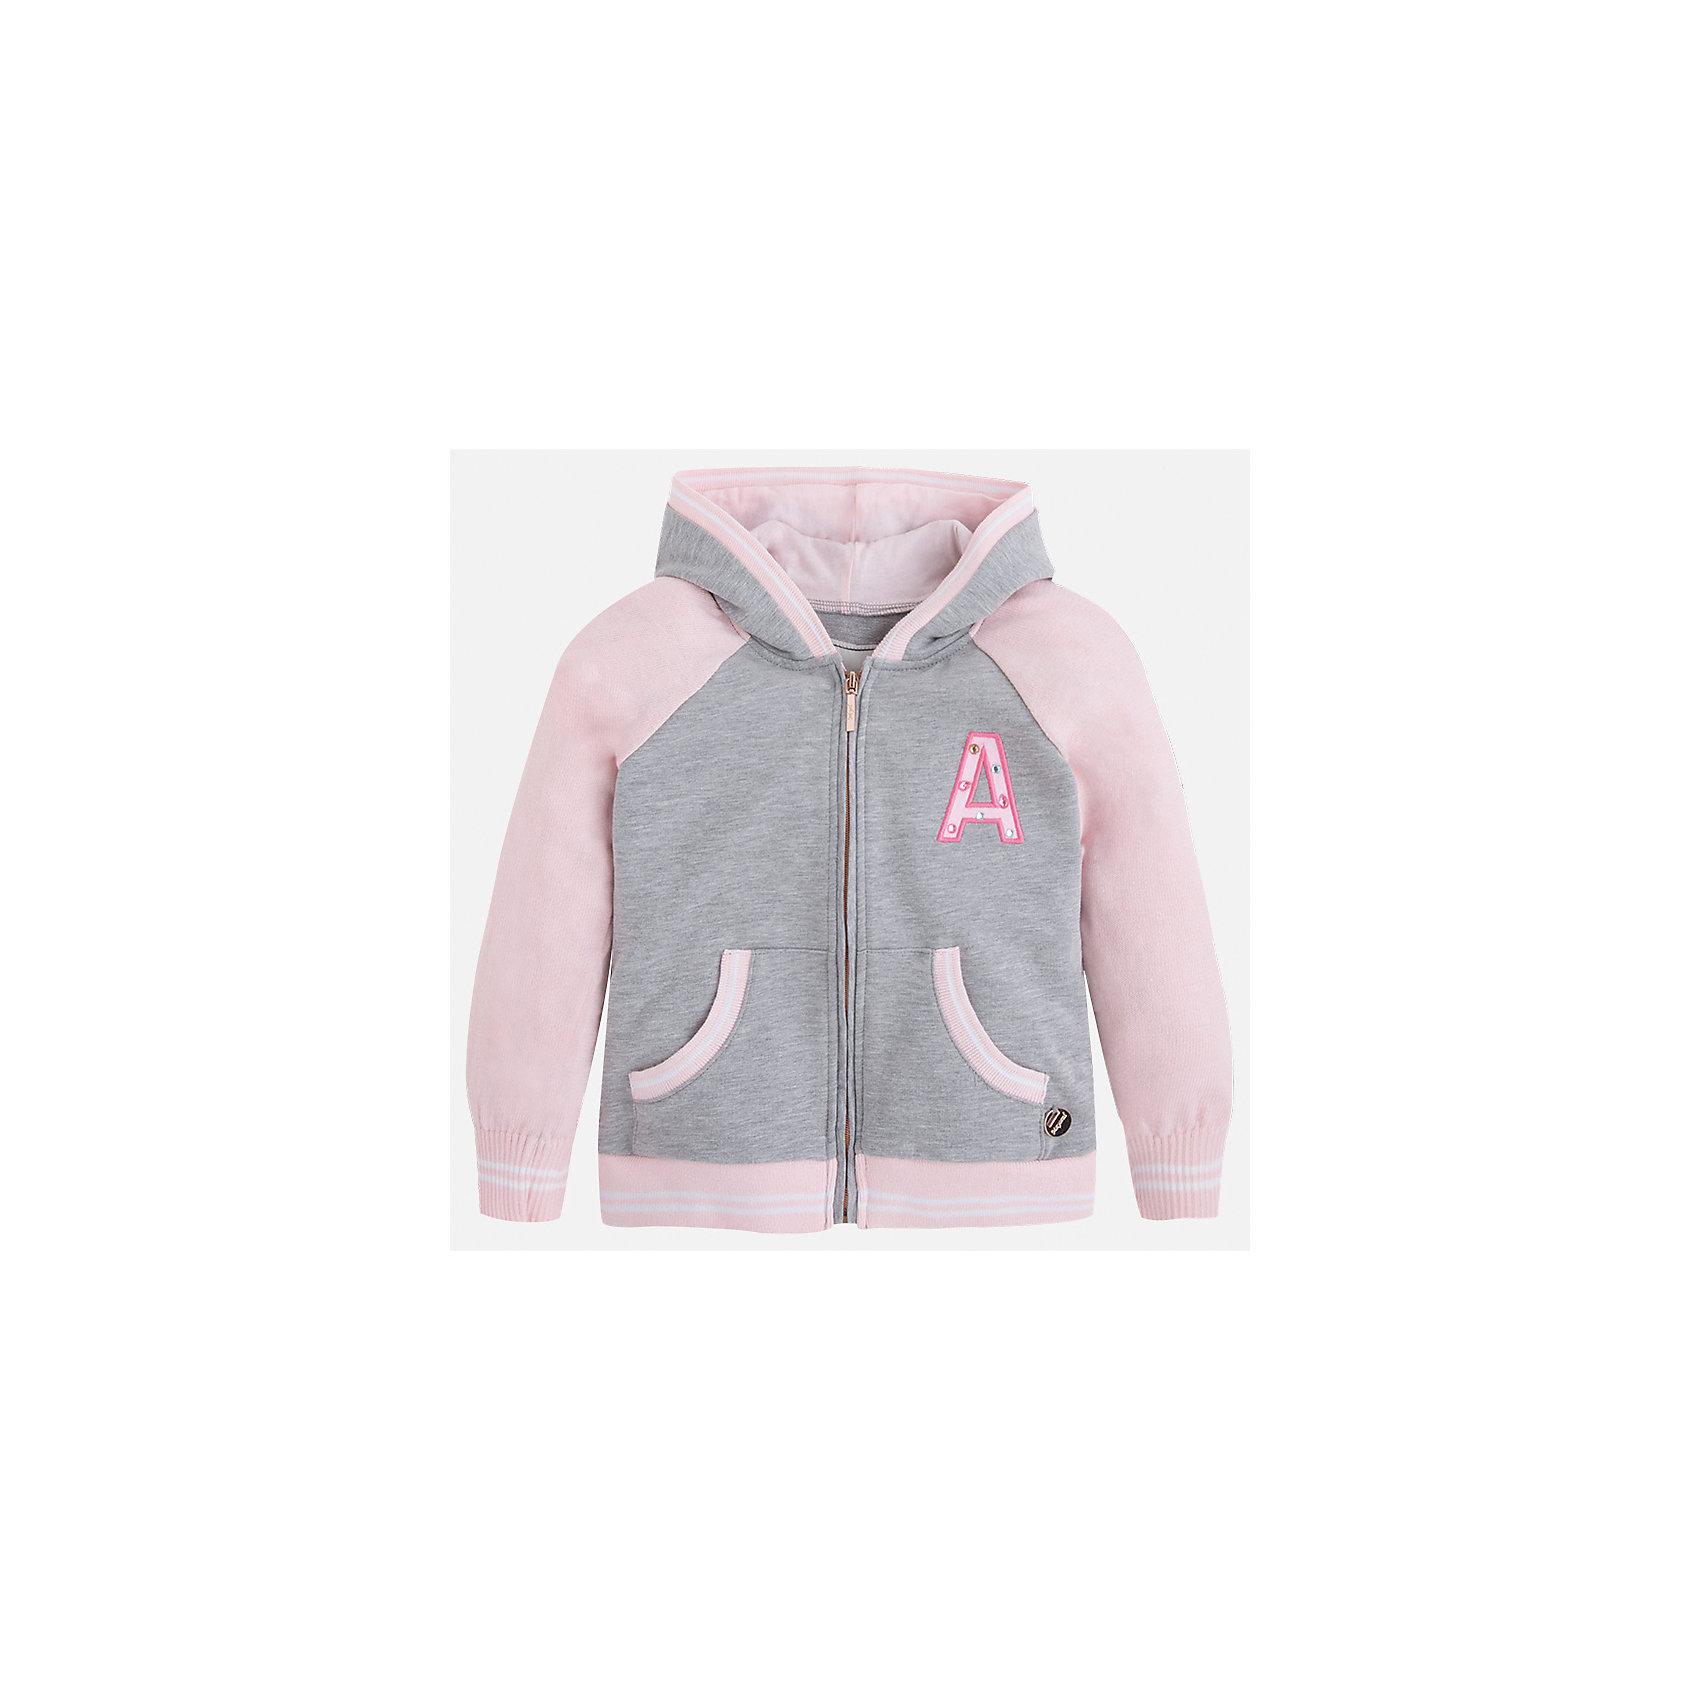 Куртка для девочки MayoralХарактеристики товара:<br><br>• цвет: розовый/серый<br>• состав: 58% хлопок, 40% полиэстер, 2% эластан<br>• застежка: молния<br>• карманы<br>• с длинными рукавами <br>• капюшон<br>• украшена вышивкой<br>• страна бренда: Испания<br><br>Стильная куртка для девочки поможет разнообразить гардероб ребенка и обеспечить тепло в прохладную погоду. Она отлично сочетается и с юбками, и с брюками. Красивый цвет позволяет подобрать к вещи низ различных расцветок. Интересная отделка модели делает её нарядной и стильной. Оригинальной и модной куртку делает крой.<br><br>Одежда, обувь и аксессуары от испанского бренда Mayoral полюбились детям и взрослым по всему миру. Модели этой марки - стильные и удобные. Для их производства используются только безопасные, качественные материалы и фурнитура. Порадуйте ребенка модными и красивыми вещами от Mayoral! <br><br>Куртку для девочки от испанского бренда Mayoral (Майорал) можно купить в нашем интернет-магазине.<br><br>Ширина мм: 356<br>Глубина мм: 10<br>Высота мм: 245<br>Вес г: 519<br>Цвет: розовый<br>Возраст от месяцев: 96<br>Возраст до месяцев: 108<br>Пол: Женский<br>Возраст: Детский<br>Размер: 134,104,110,116,122,92,98,128<br>SKU: 5290188